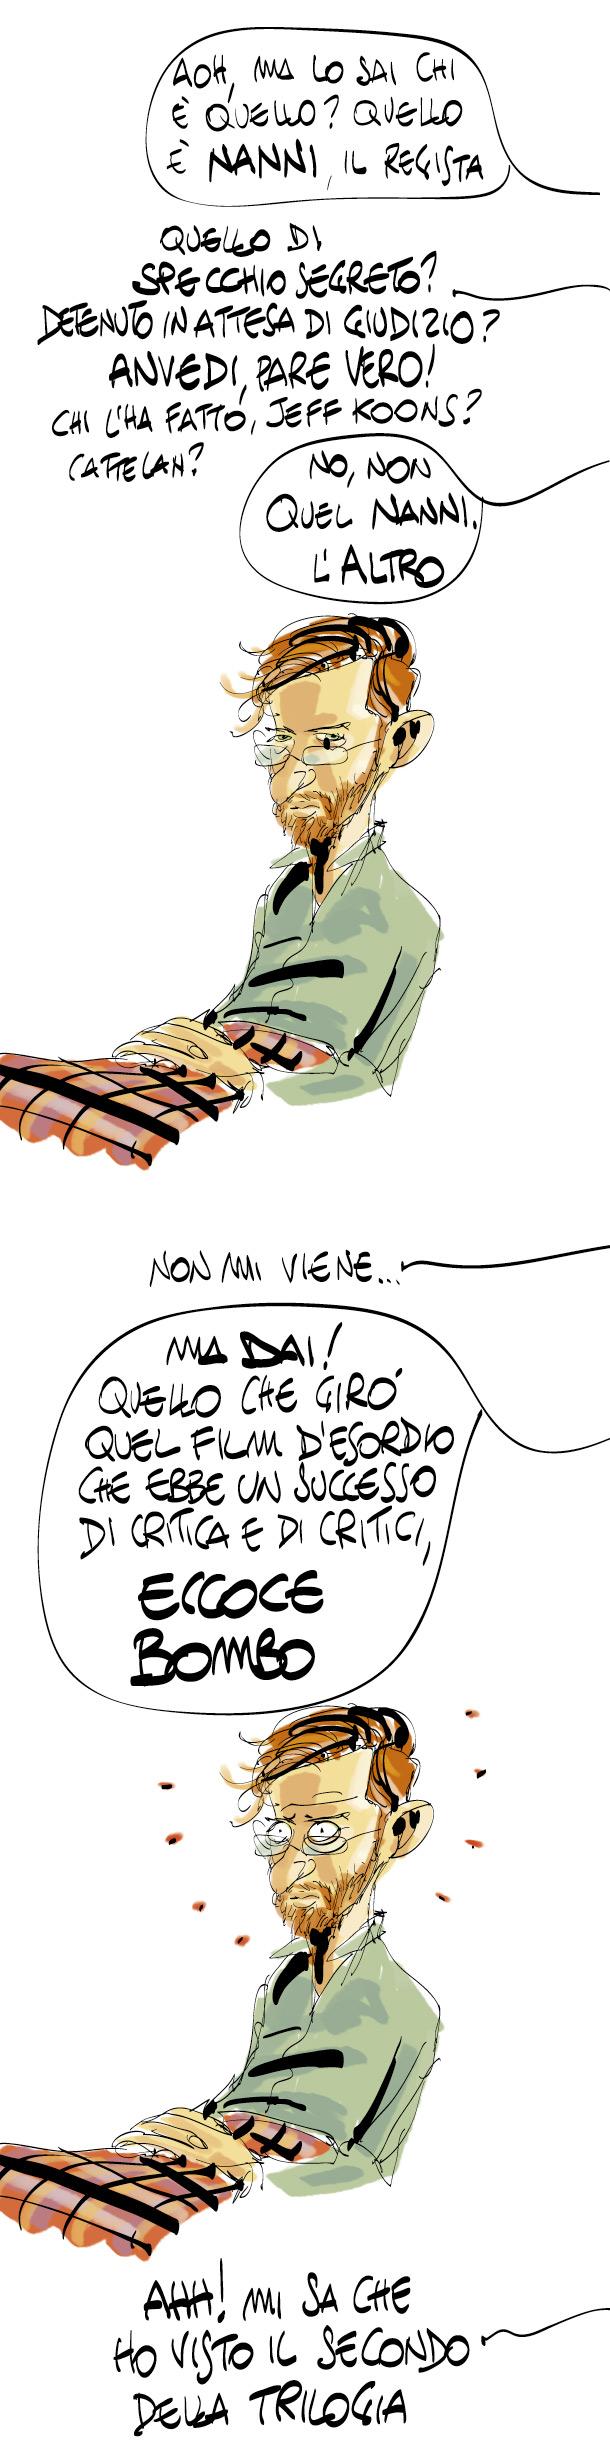 caro-nanni-1